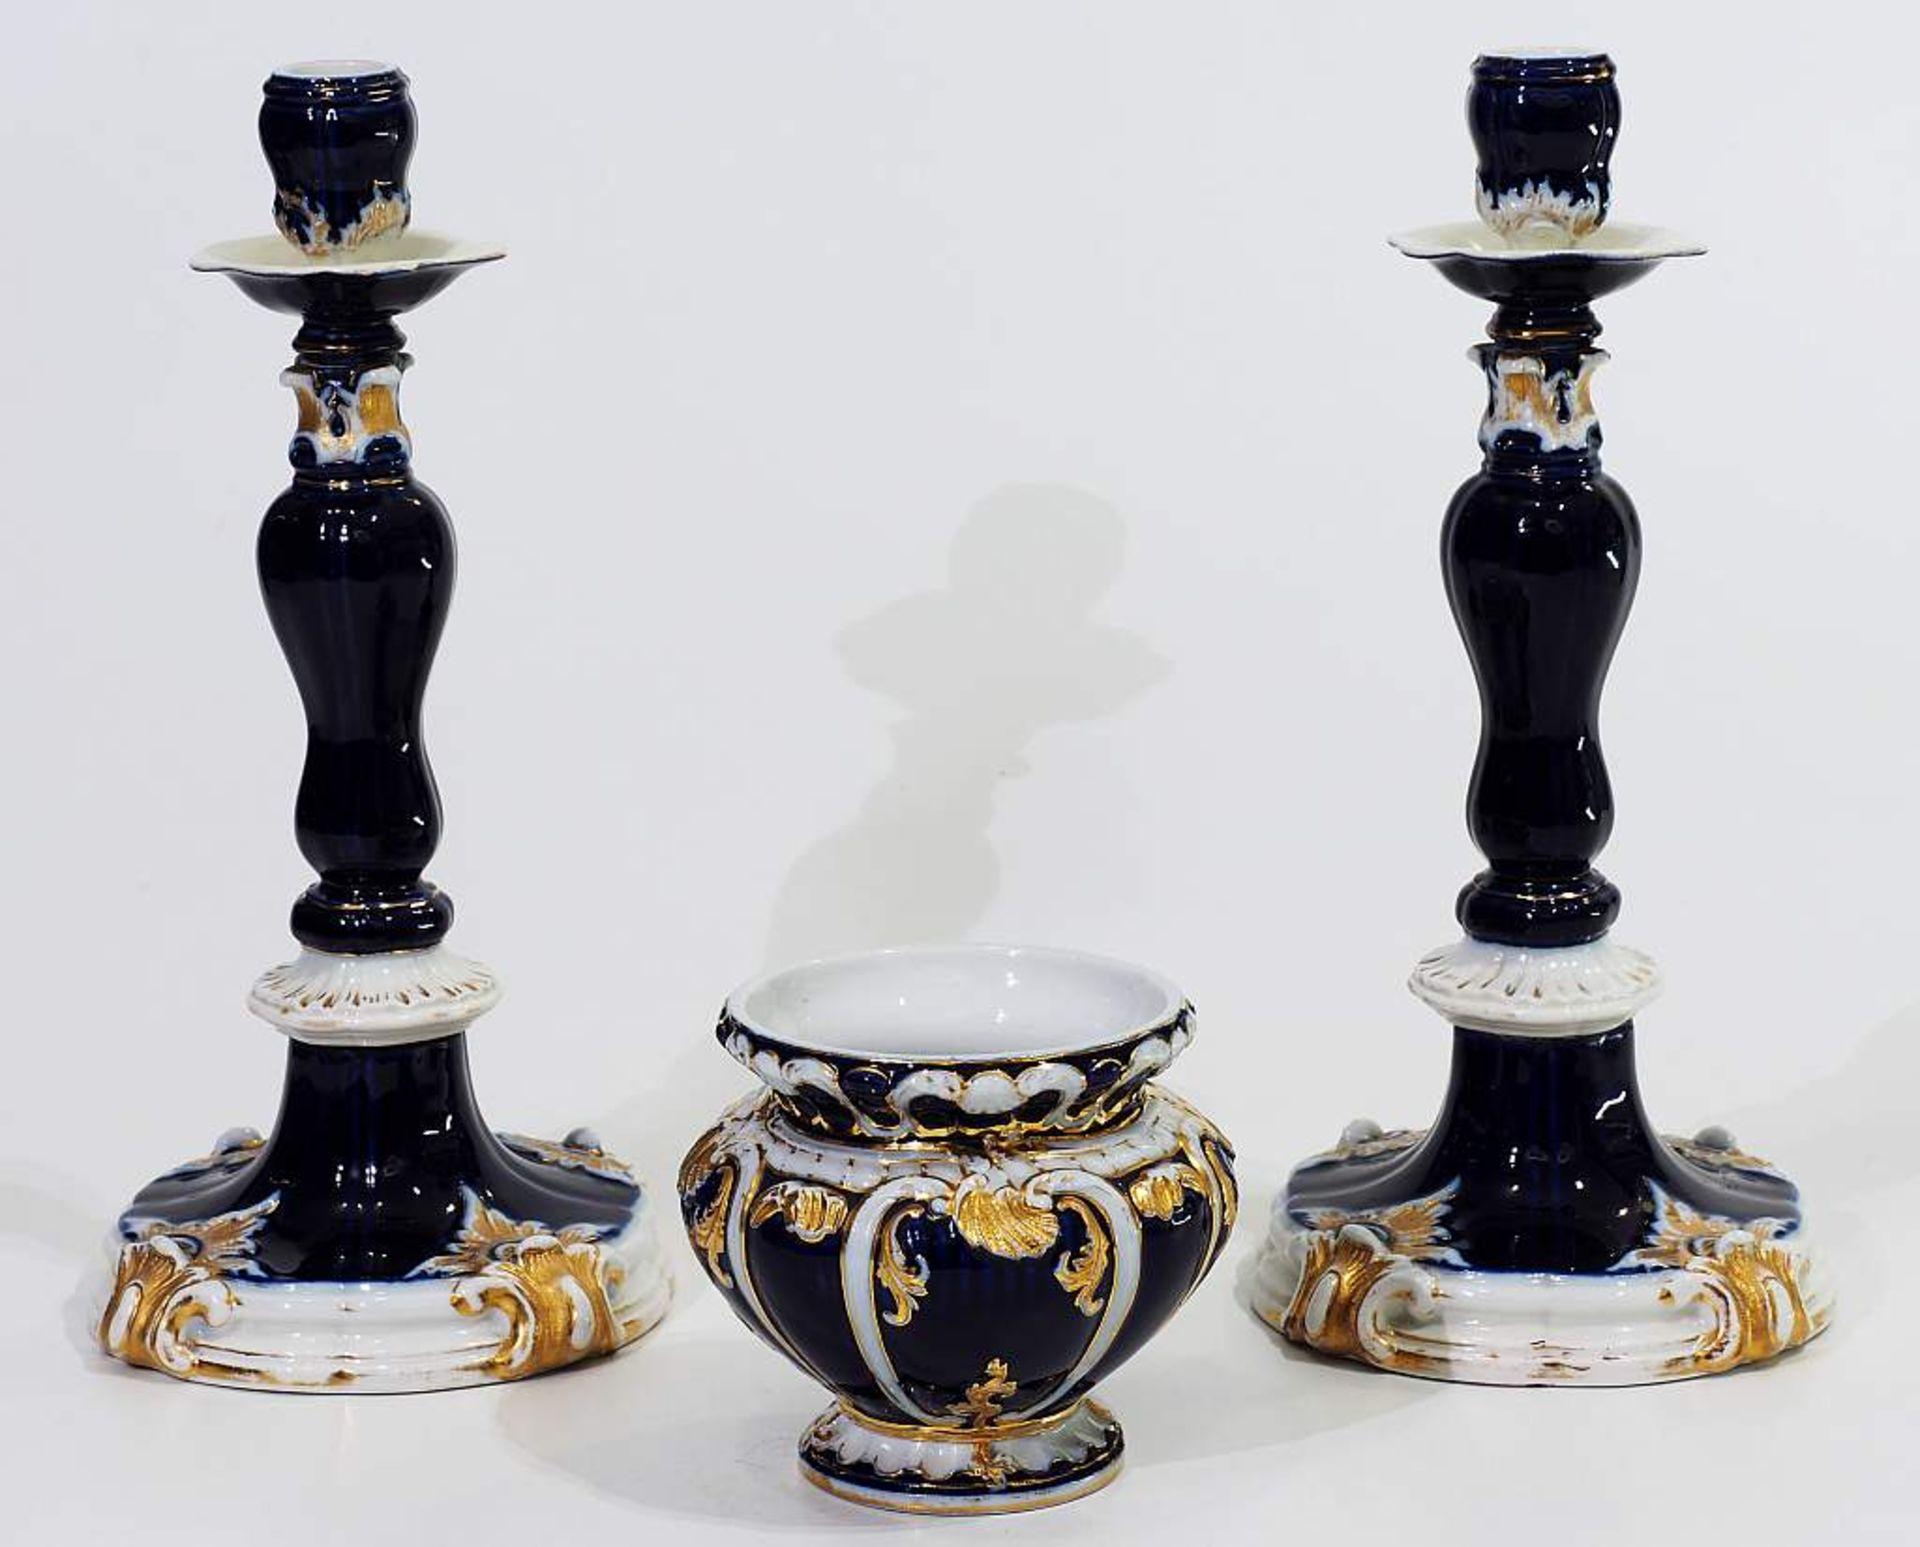 Prunk-Kerzenleuchter-Paar. MEISSEN um 1880. Prunk-Kerzenleuchter-Paar. MEISSEN um 1880, Modell Nr. B - Bild 2 aus 6